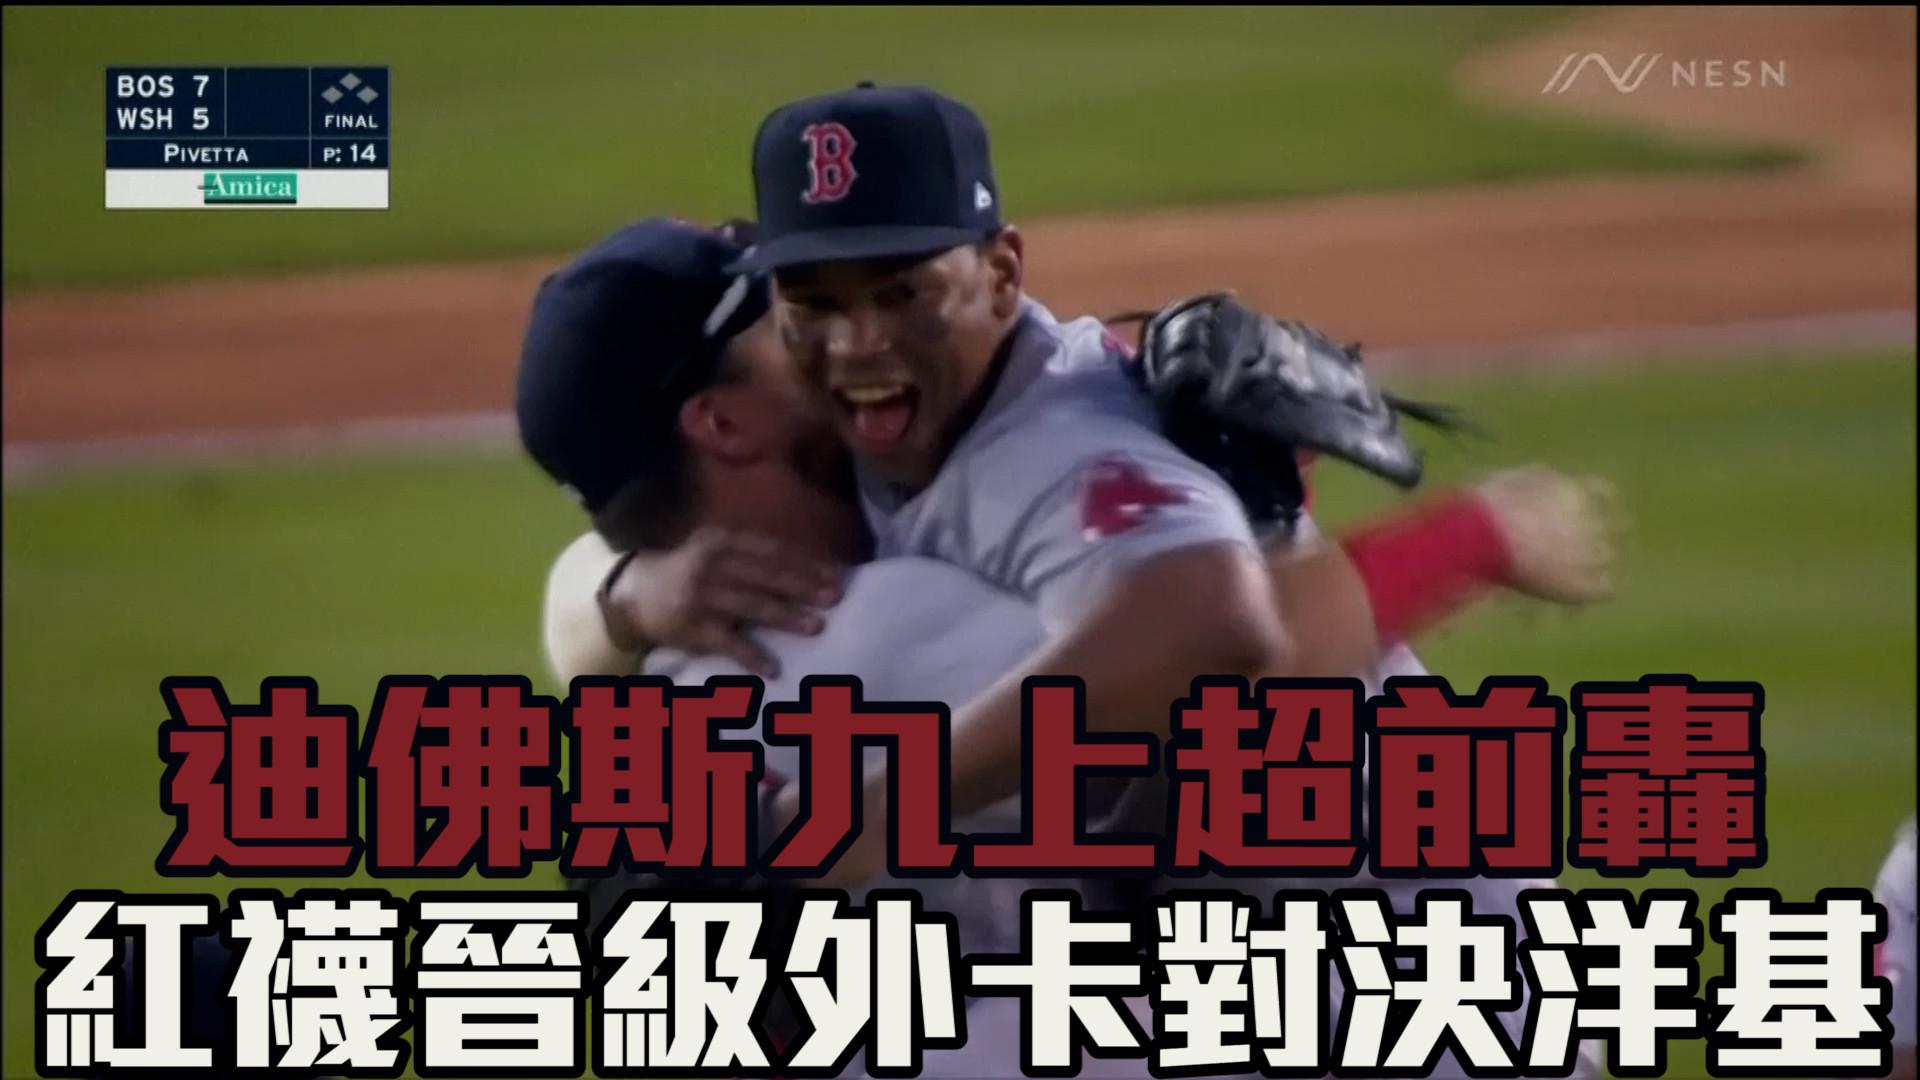 【MLB看愛爾達】迪佛斯超前轟 紅襪晉級外卡對決洋基 10/4